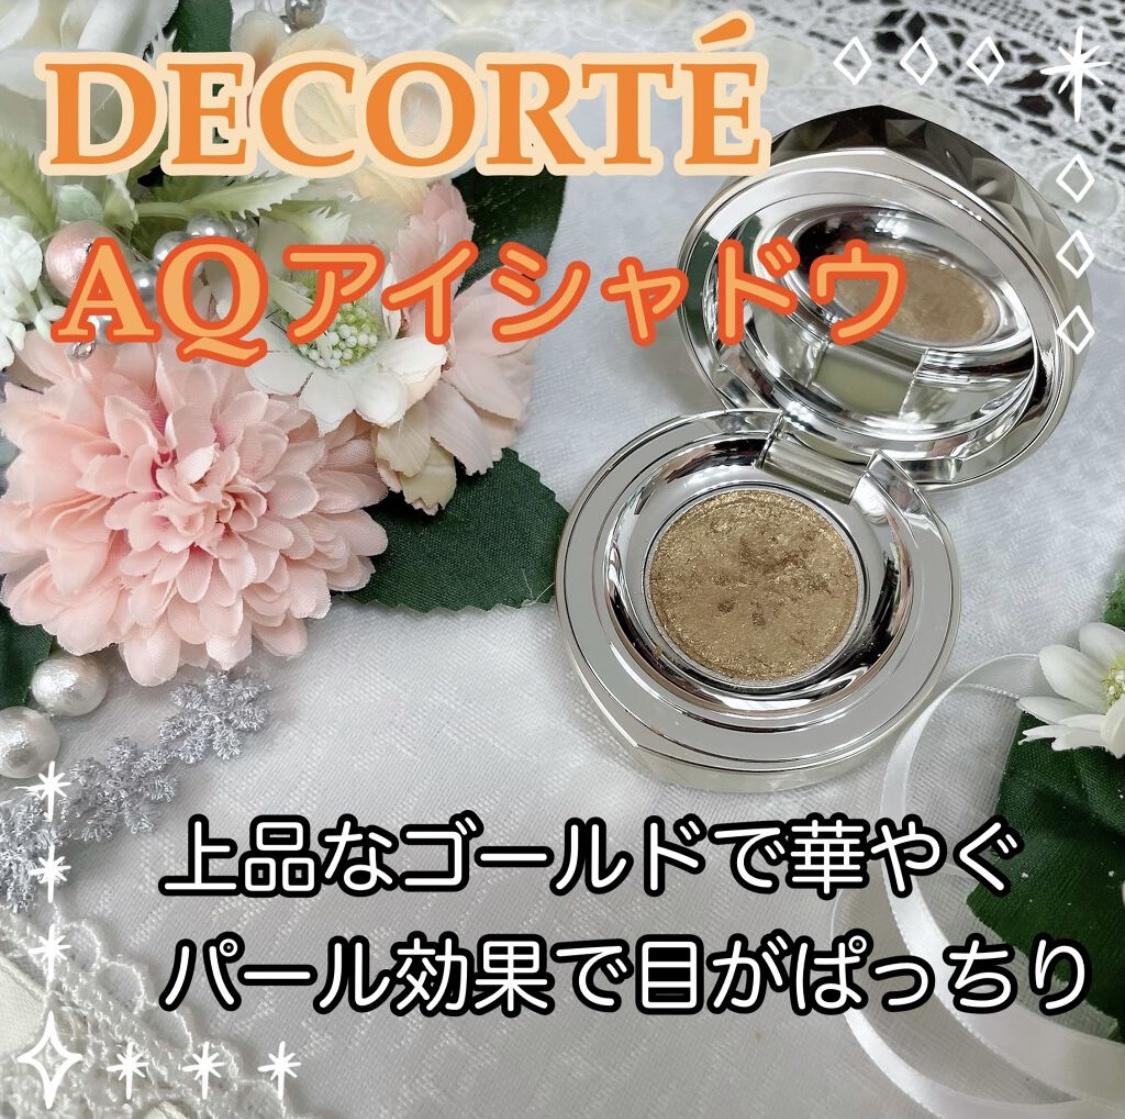 DECORTÉ(コスメデコルテ) AQ アイシャドウを使ったかおきちさんのクチコミ画像